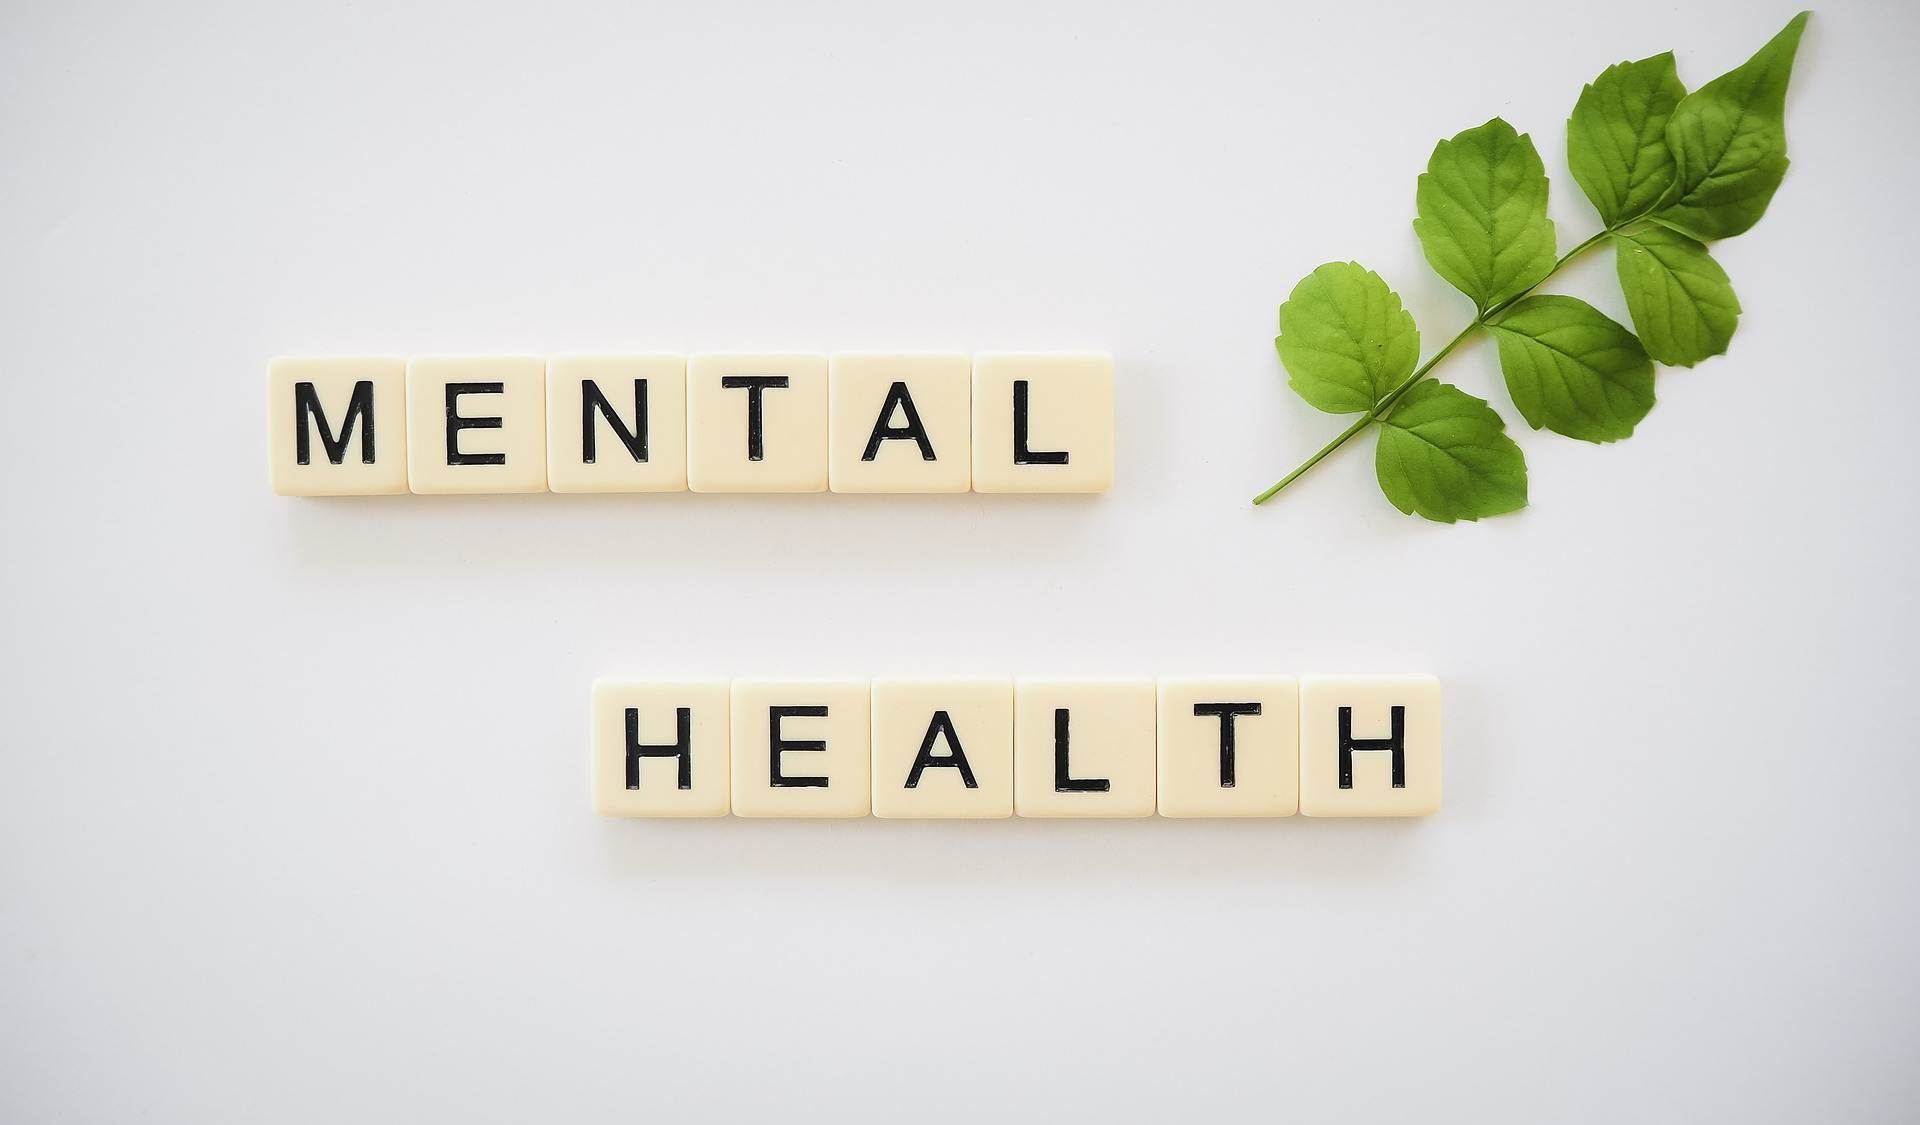 Zdrowy umysł - zdrowe ciało